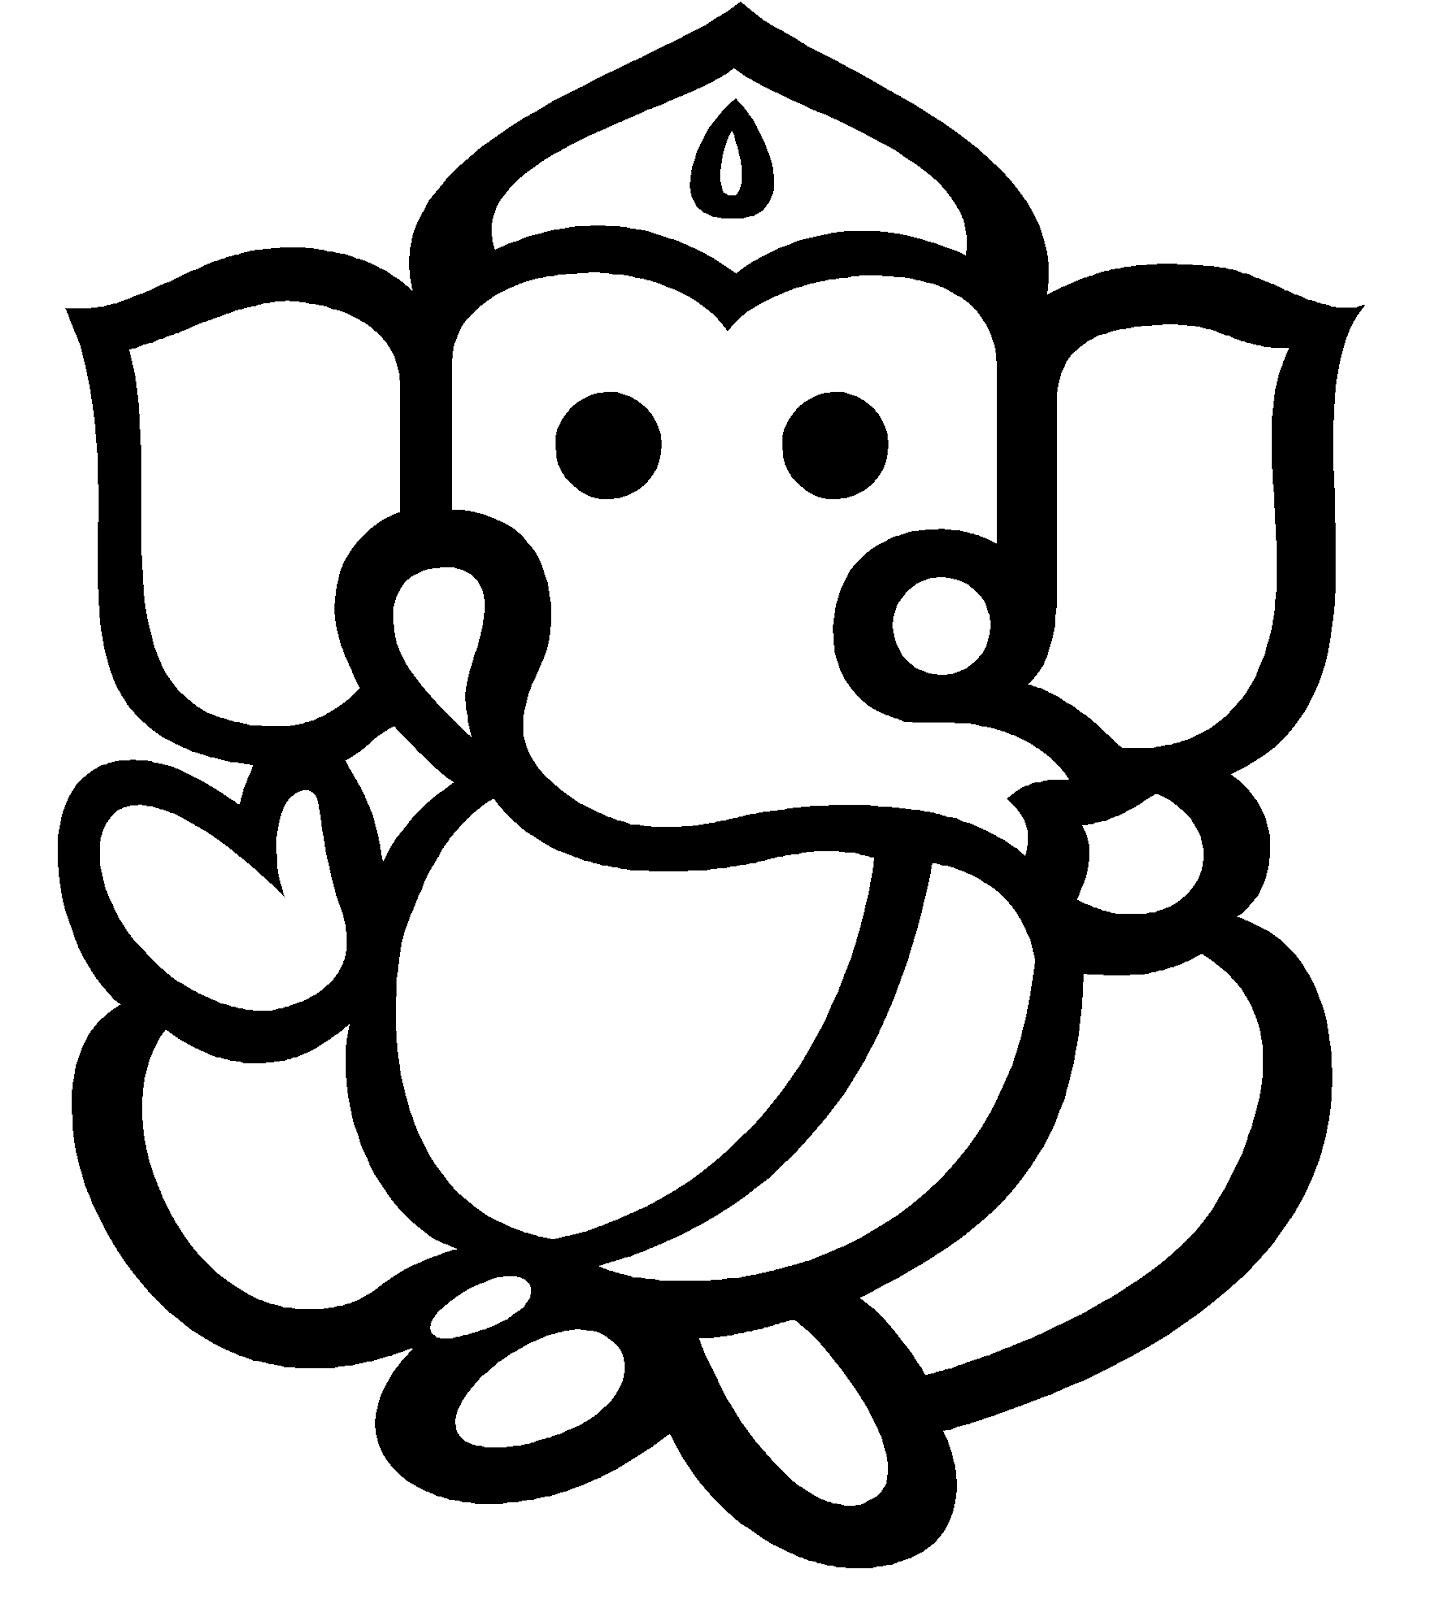 Ganesha clipart vector png royalty free download Free Ganpati Line Art Vector, Download Free Clip Art, Free Clip Art ... png royalty free download